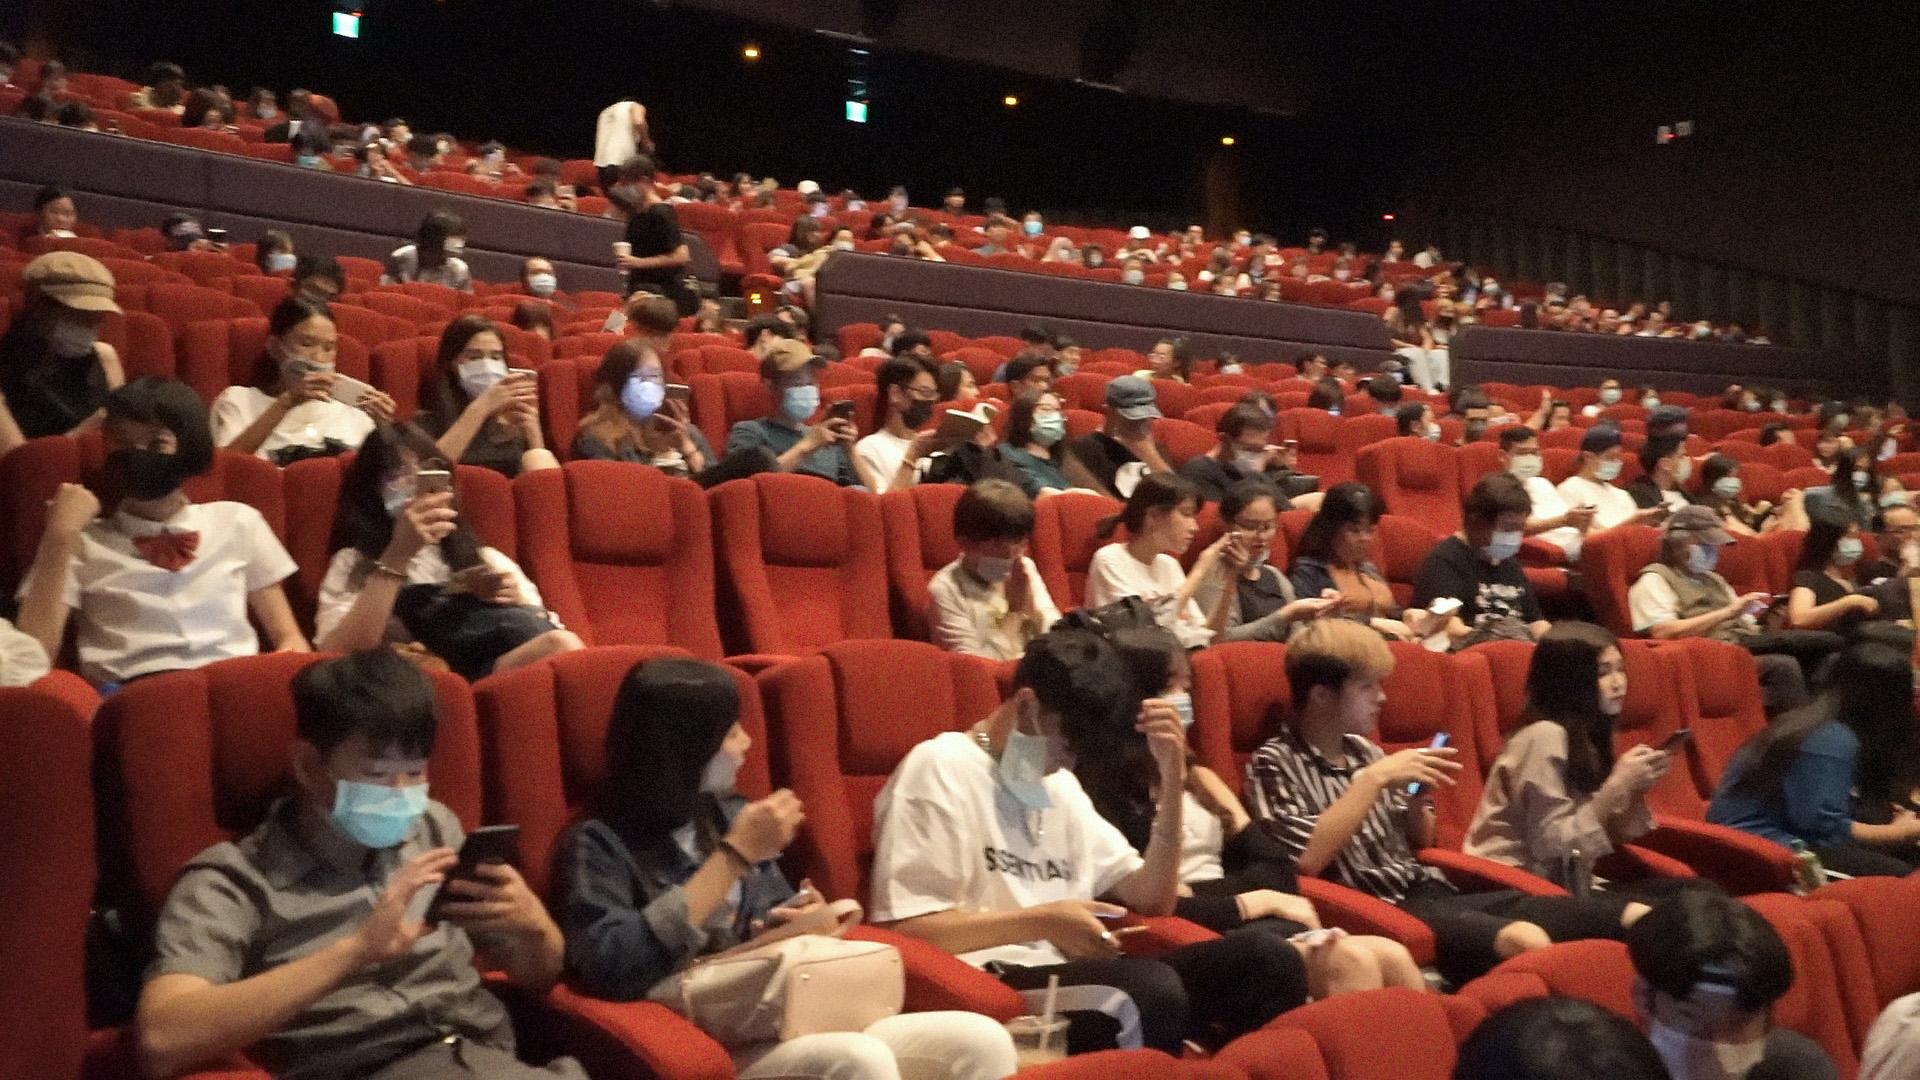 超危險駕駛_昨日(7月28日)於樂聲影城盛大舉辦電影首映會